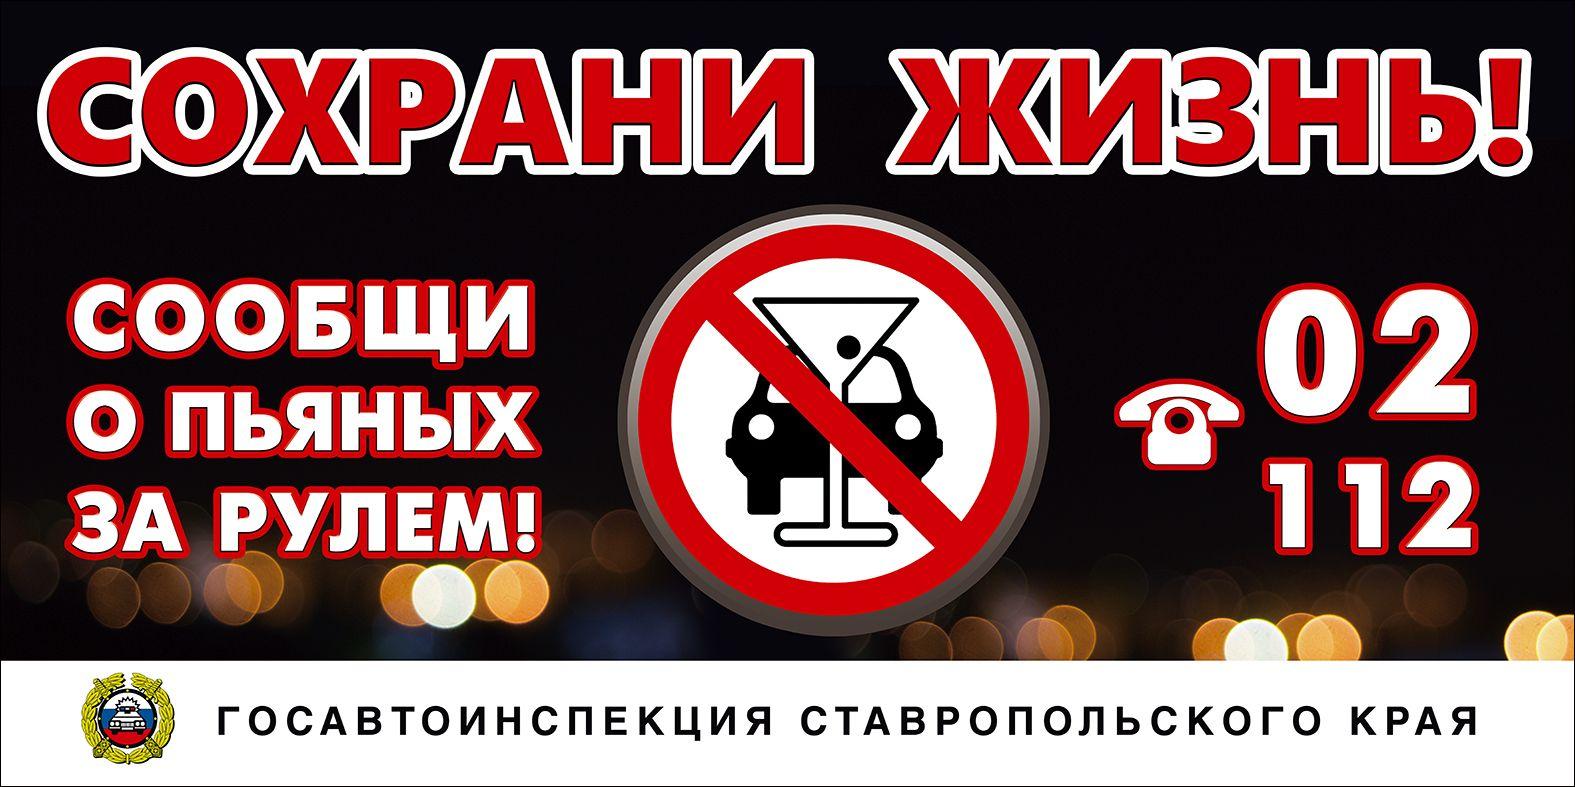 За два дня в Пятигорске от прохождения медицинского освидетельствования отказались шесть водителей